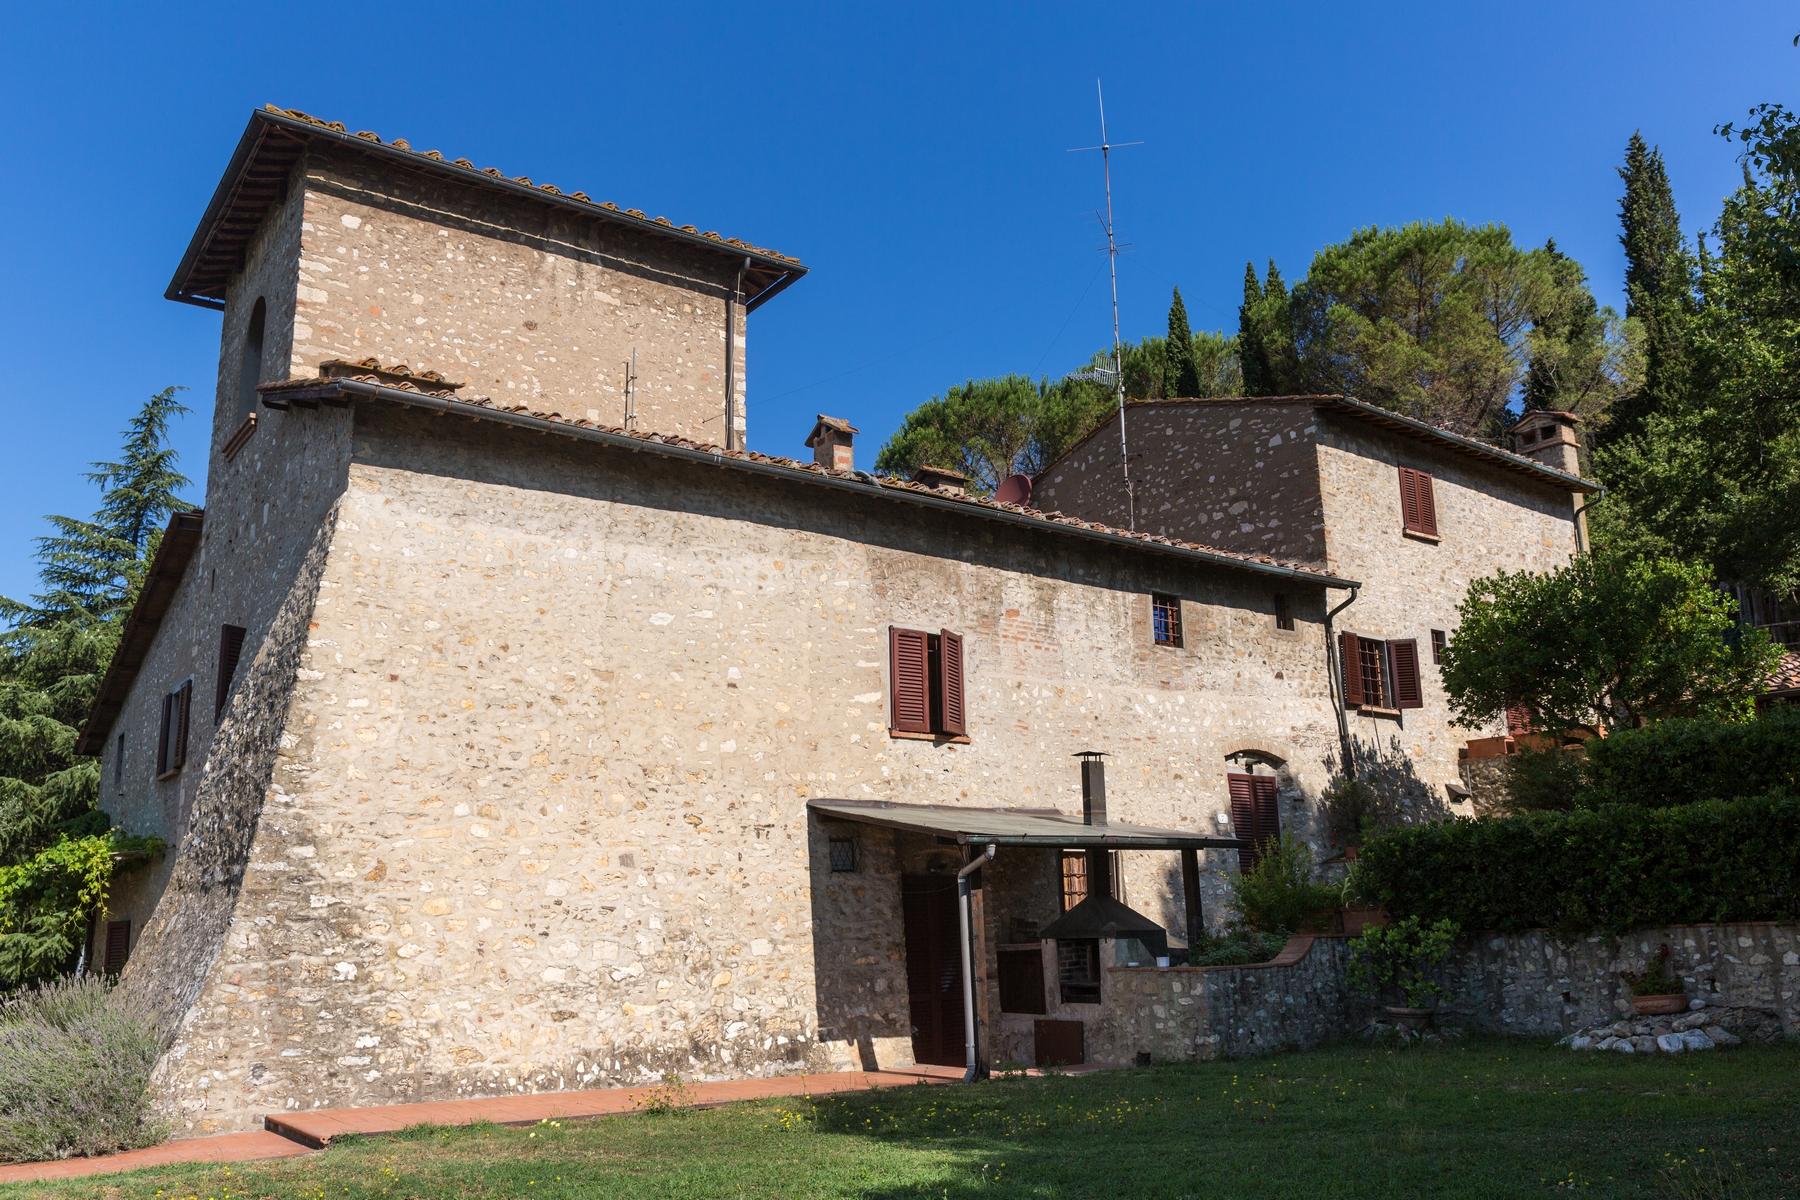 Rustico in Vendita a Calenzano: 5 locali, 800 mq - Foto 14